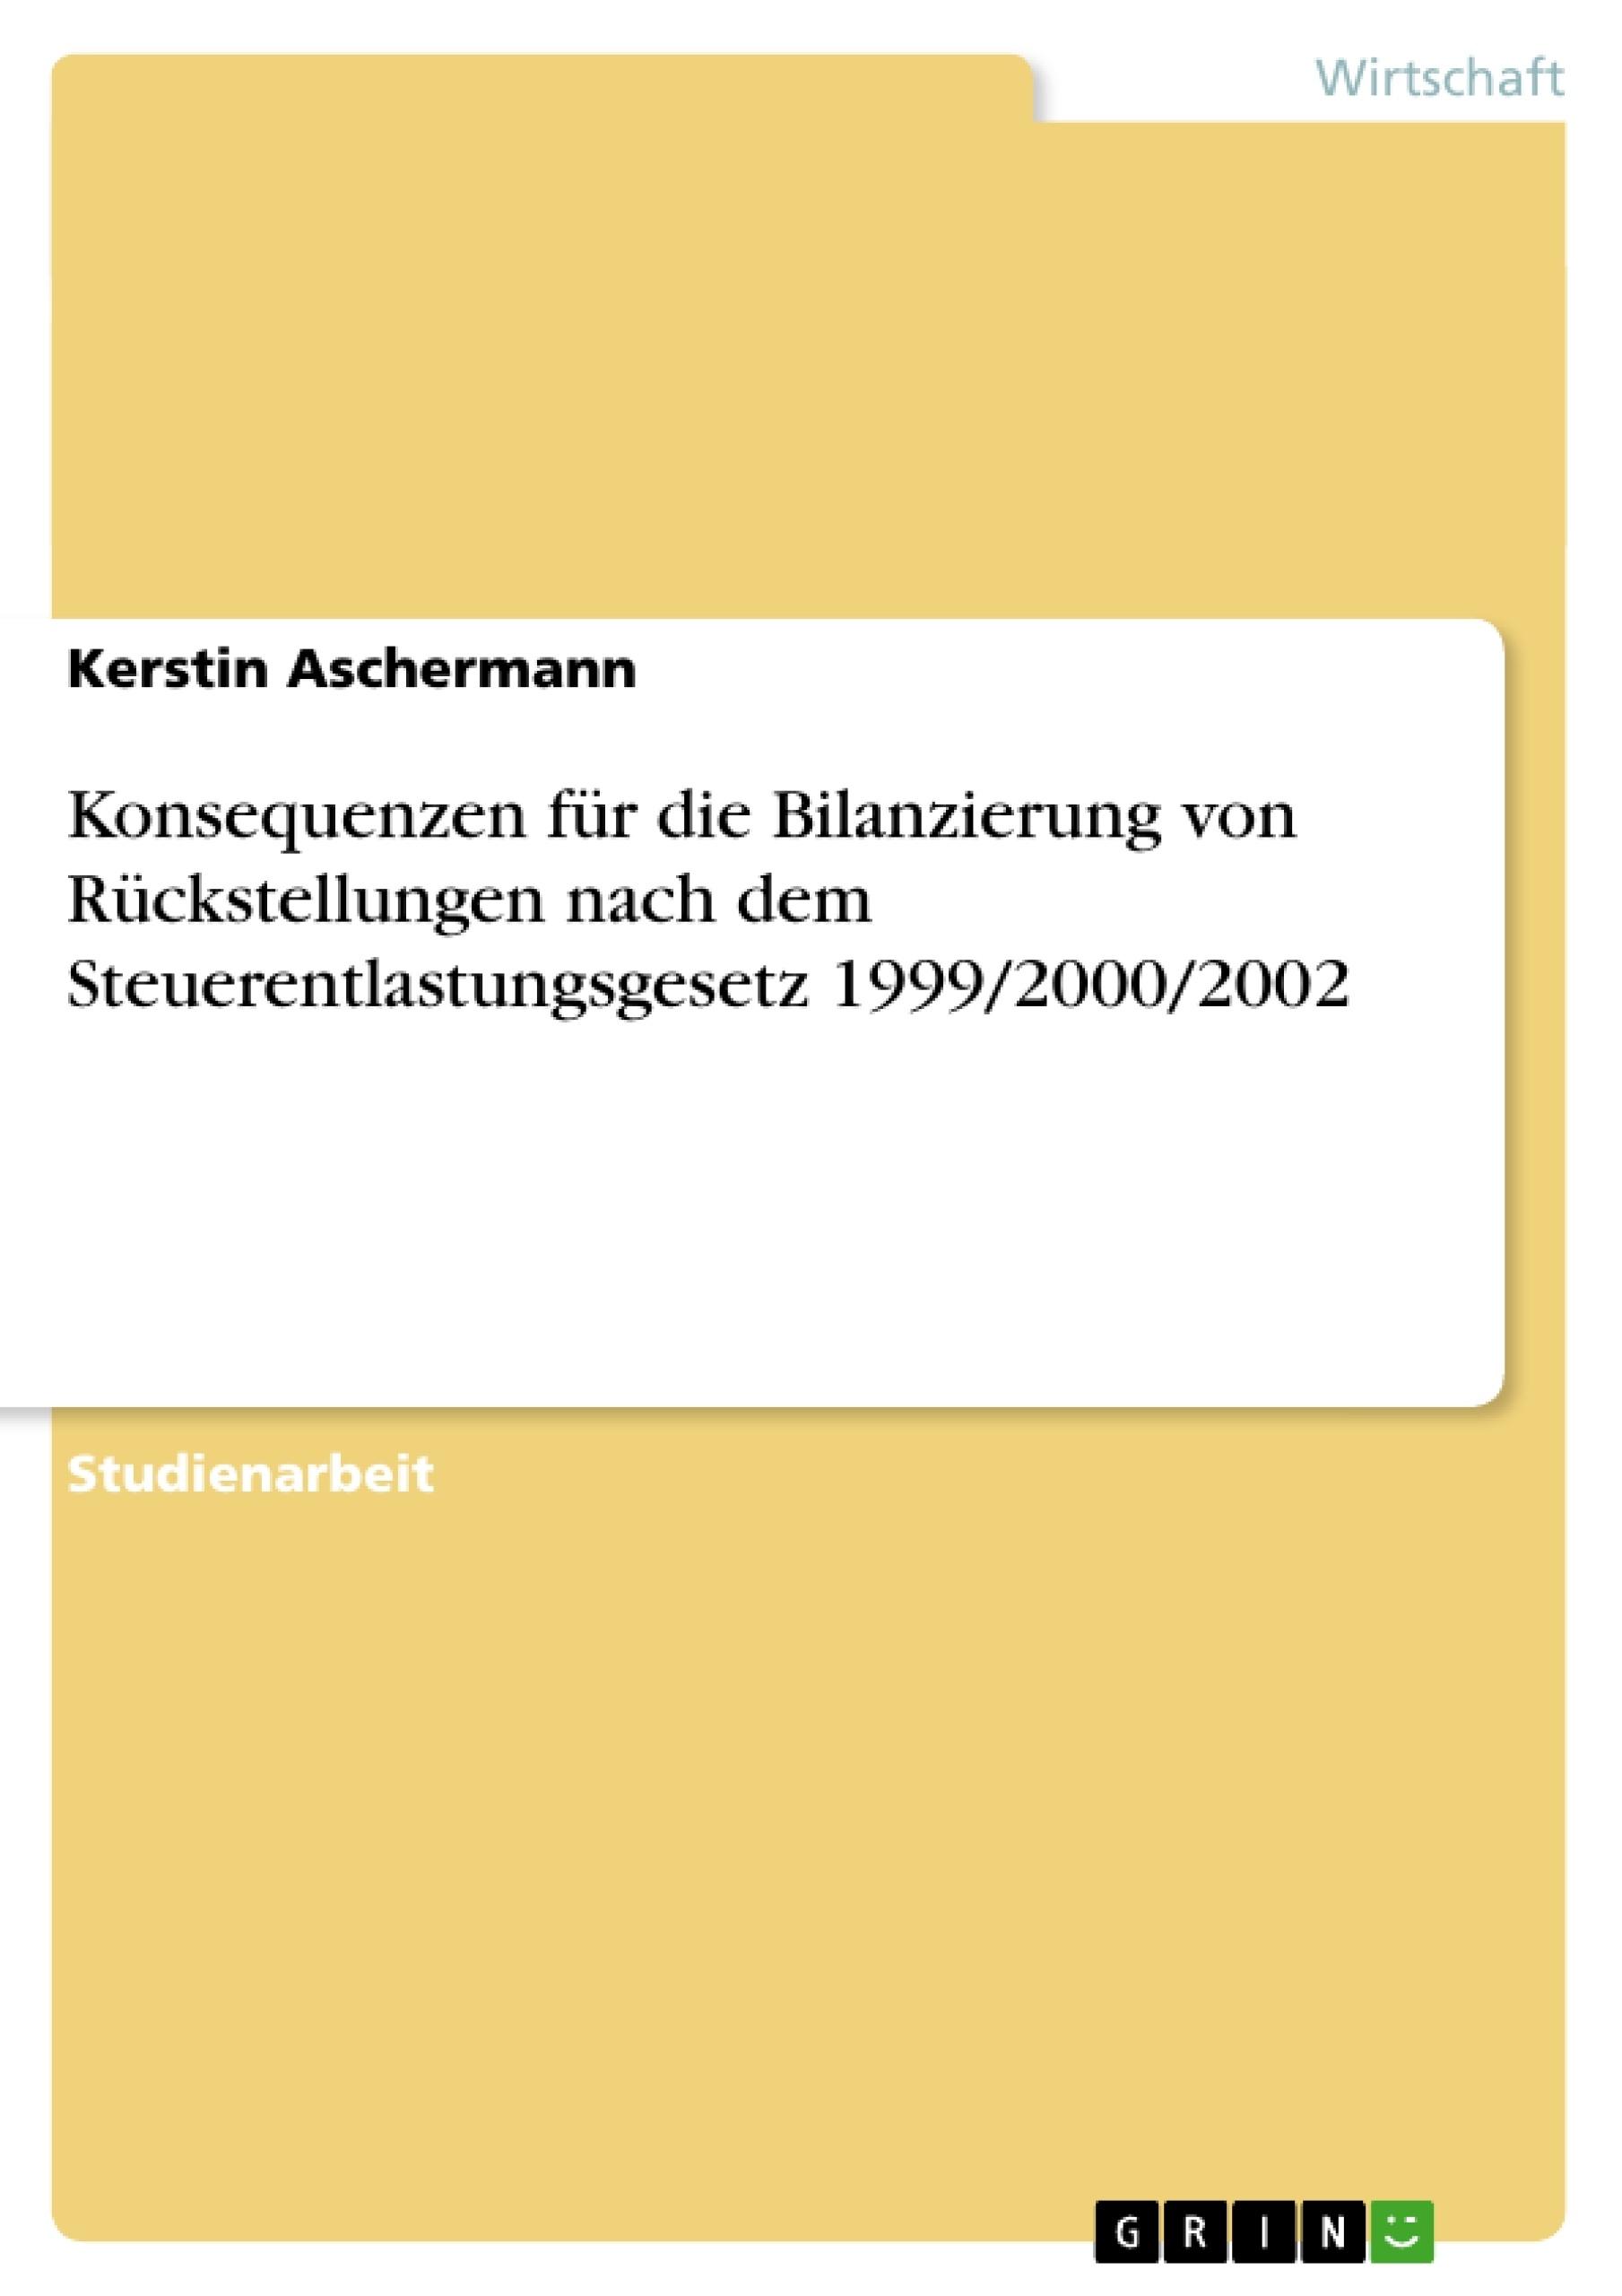 Titel: Konsequenzen für die Bilanzierung von Rückstellungen nach dem Steuerentlastungsgesetz 1999/2000/2002